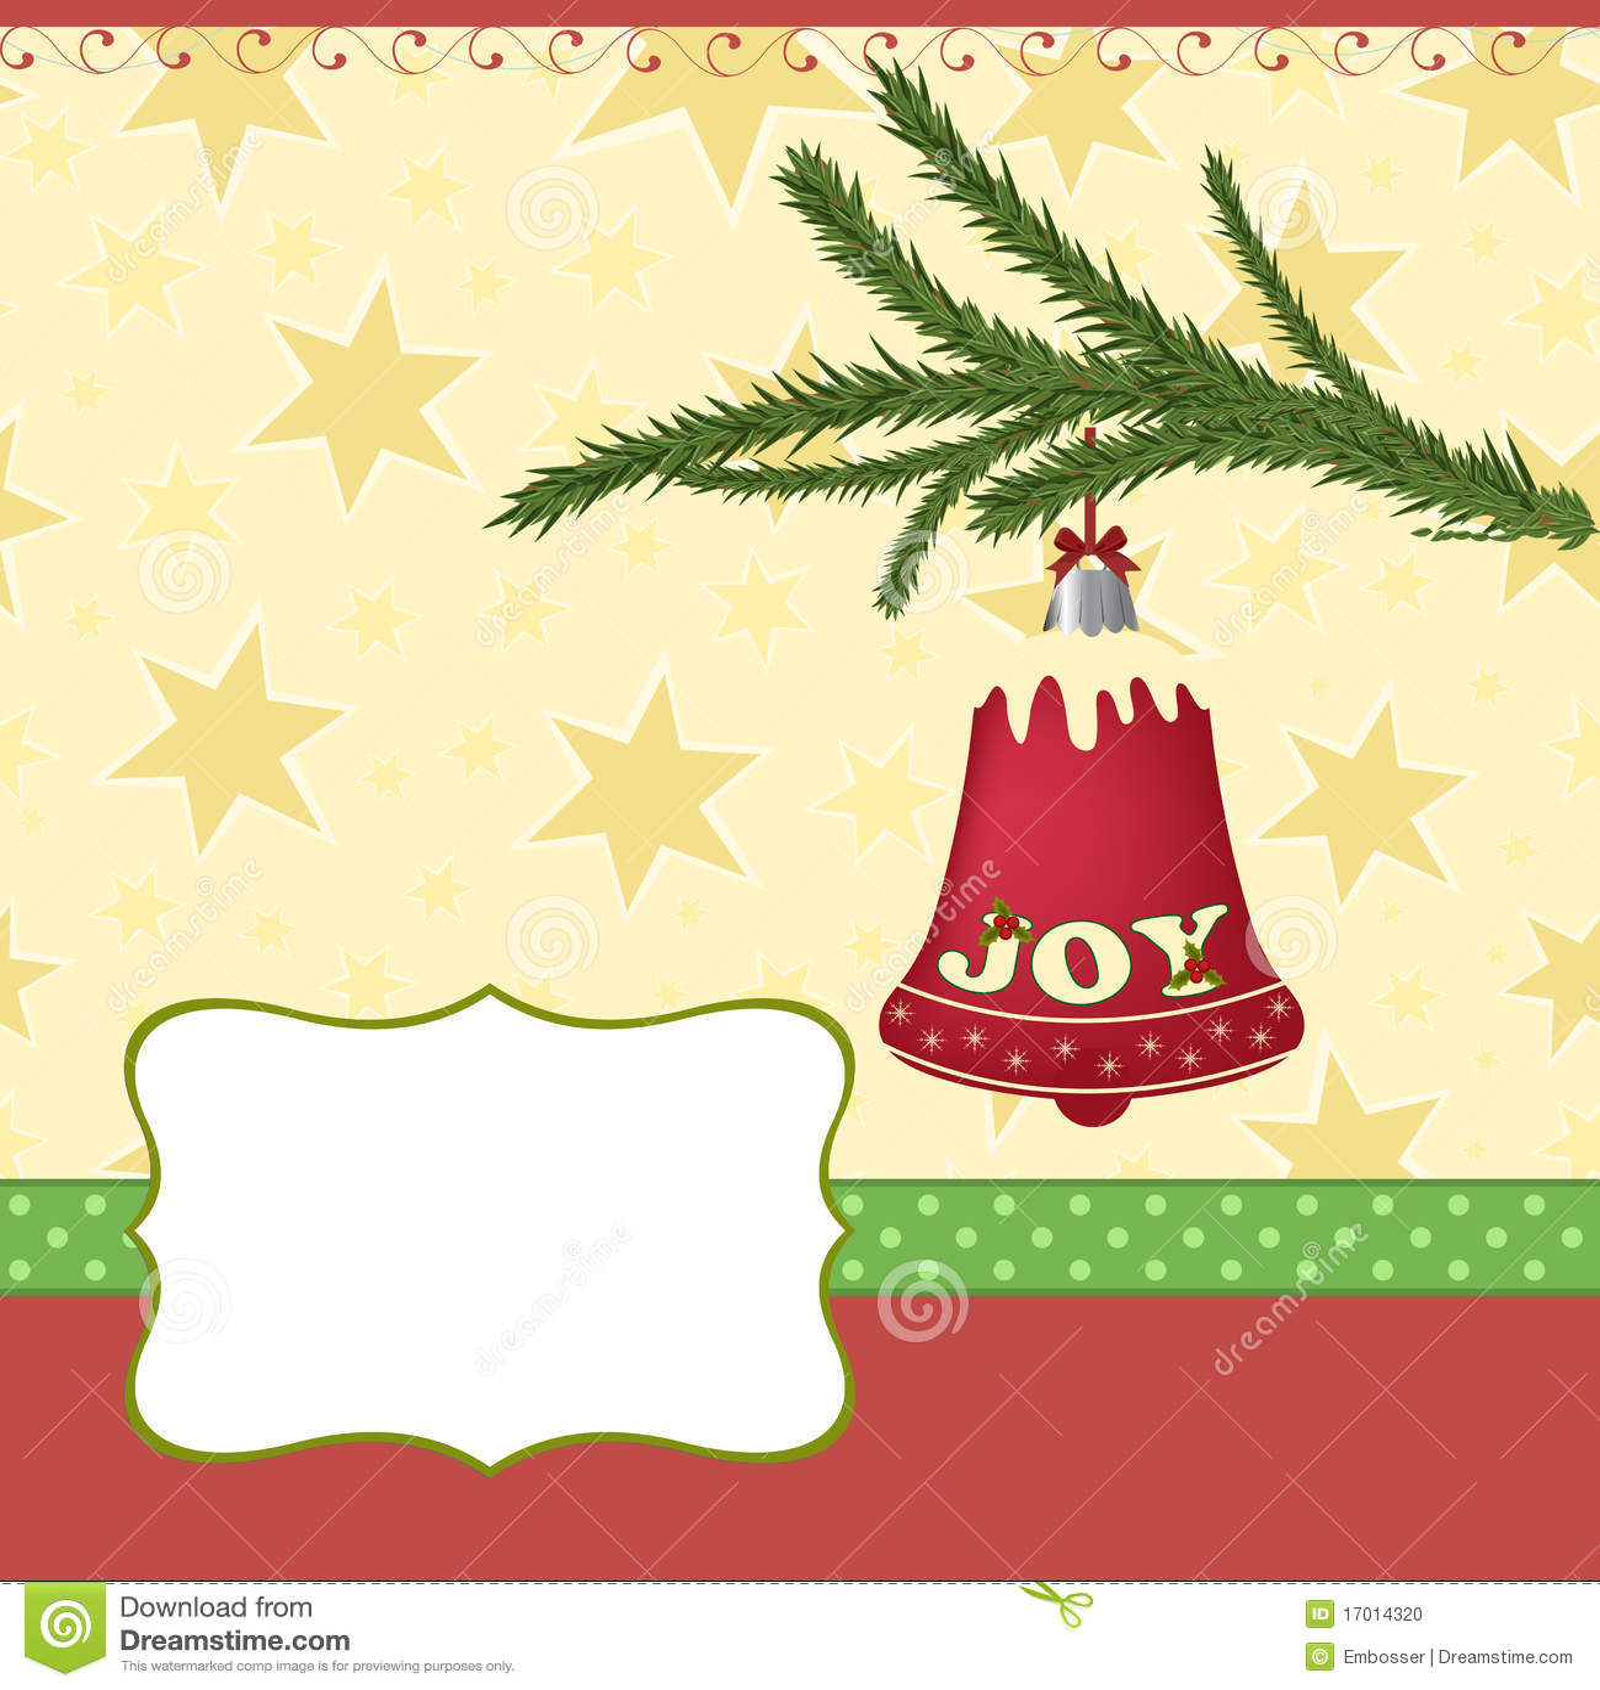 Felicitaciones De Navidad Modelos.Modelo En Blanco Para La Tarjeta De Felicitaciones De La